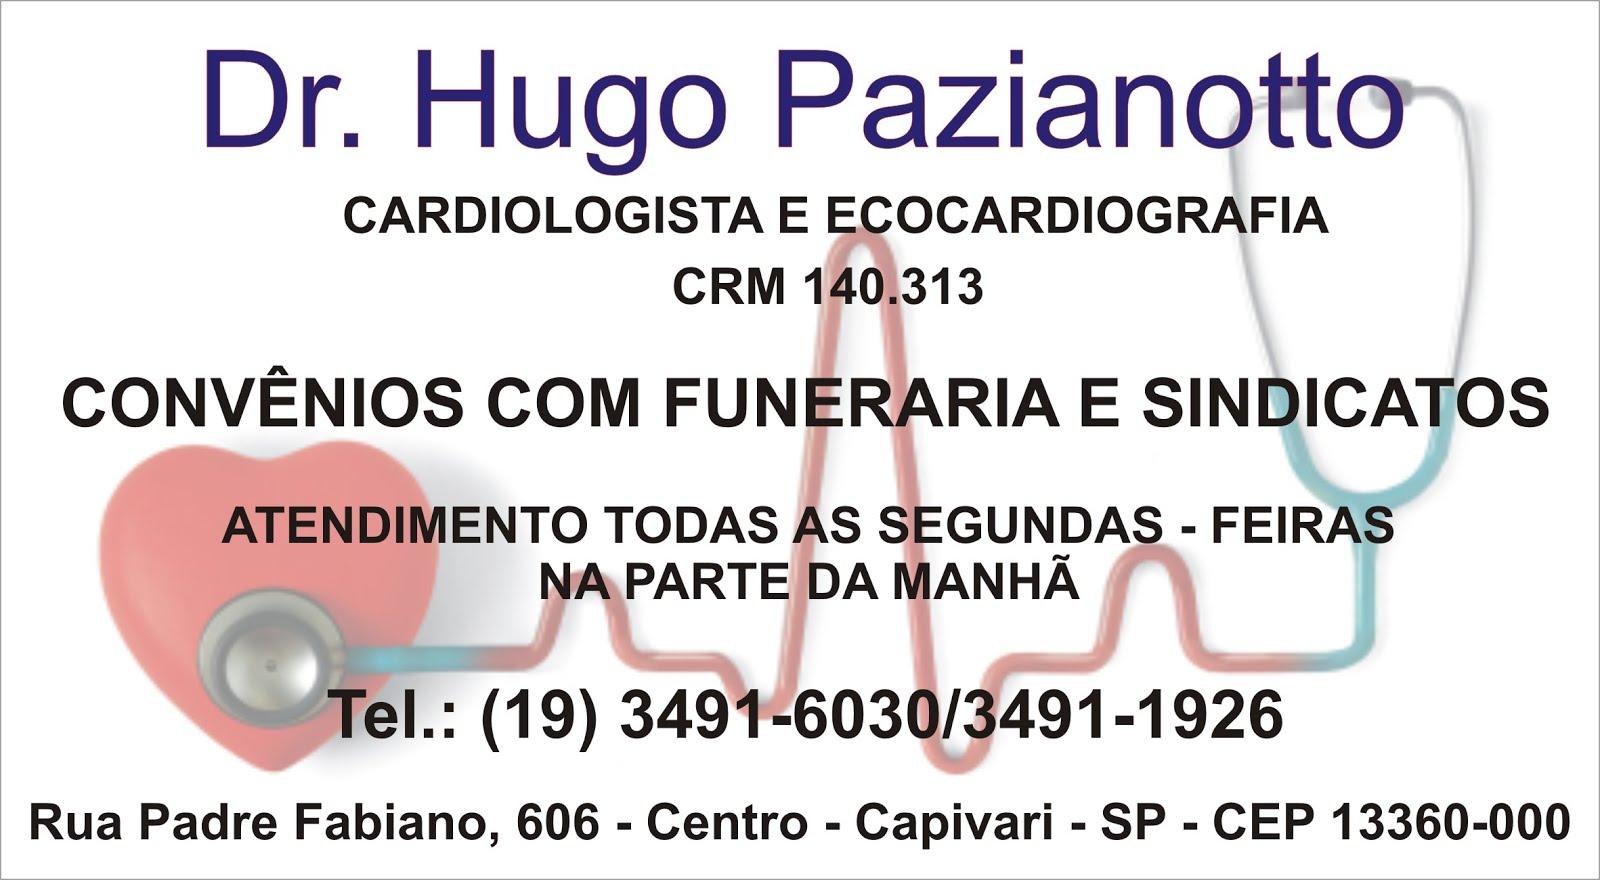 DR. HUGO PAZIANOTTO